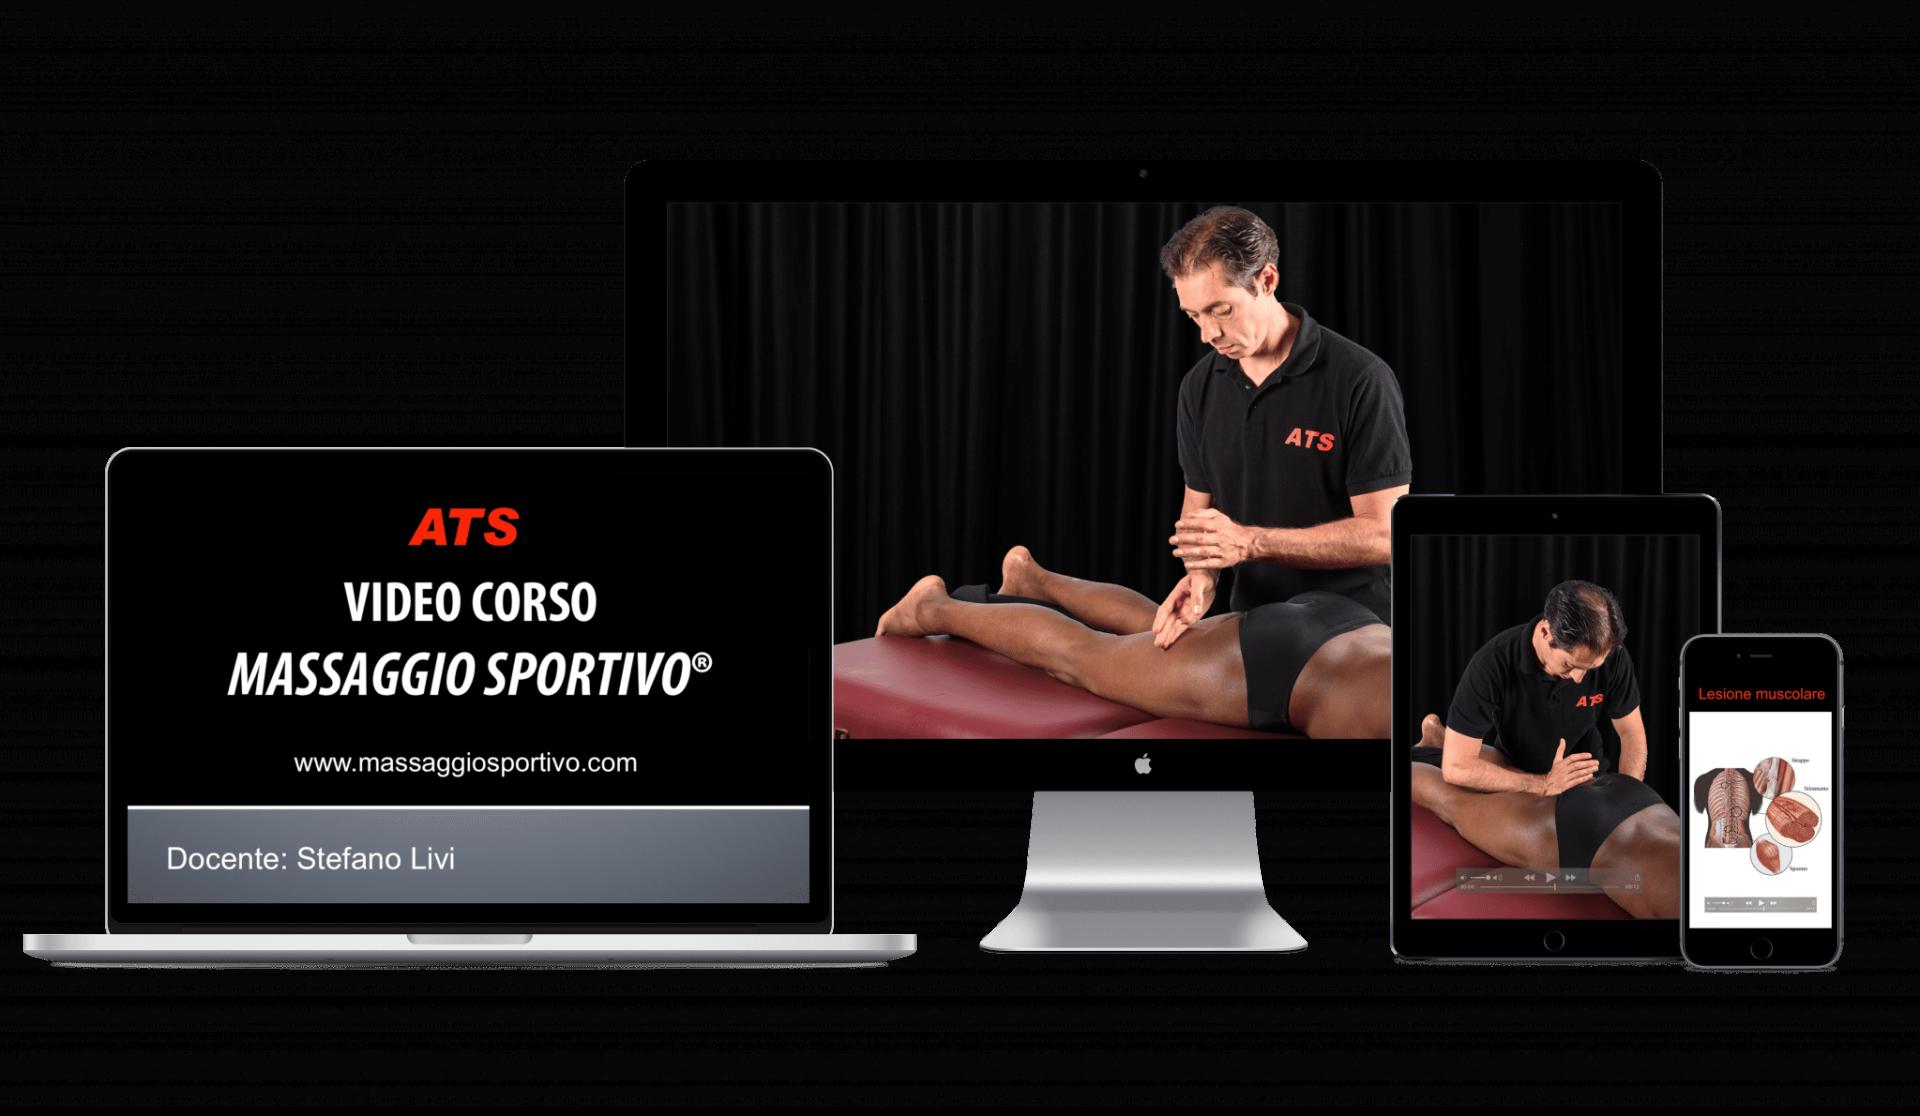 Massaggio Sportivo Anteprima